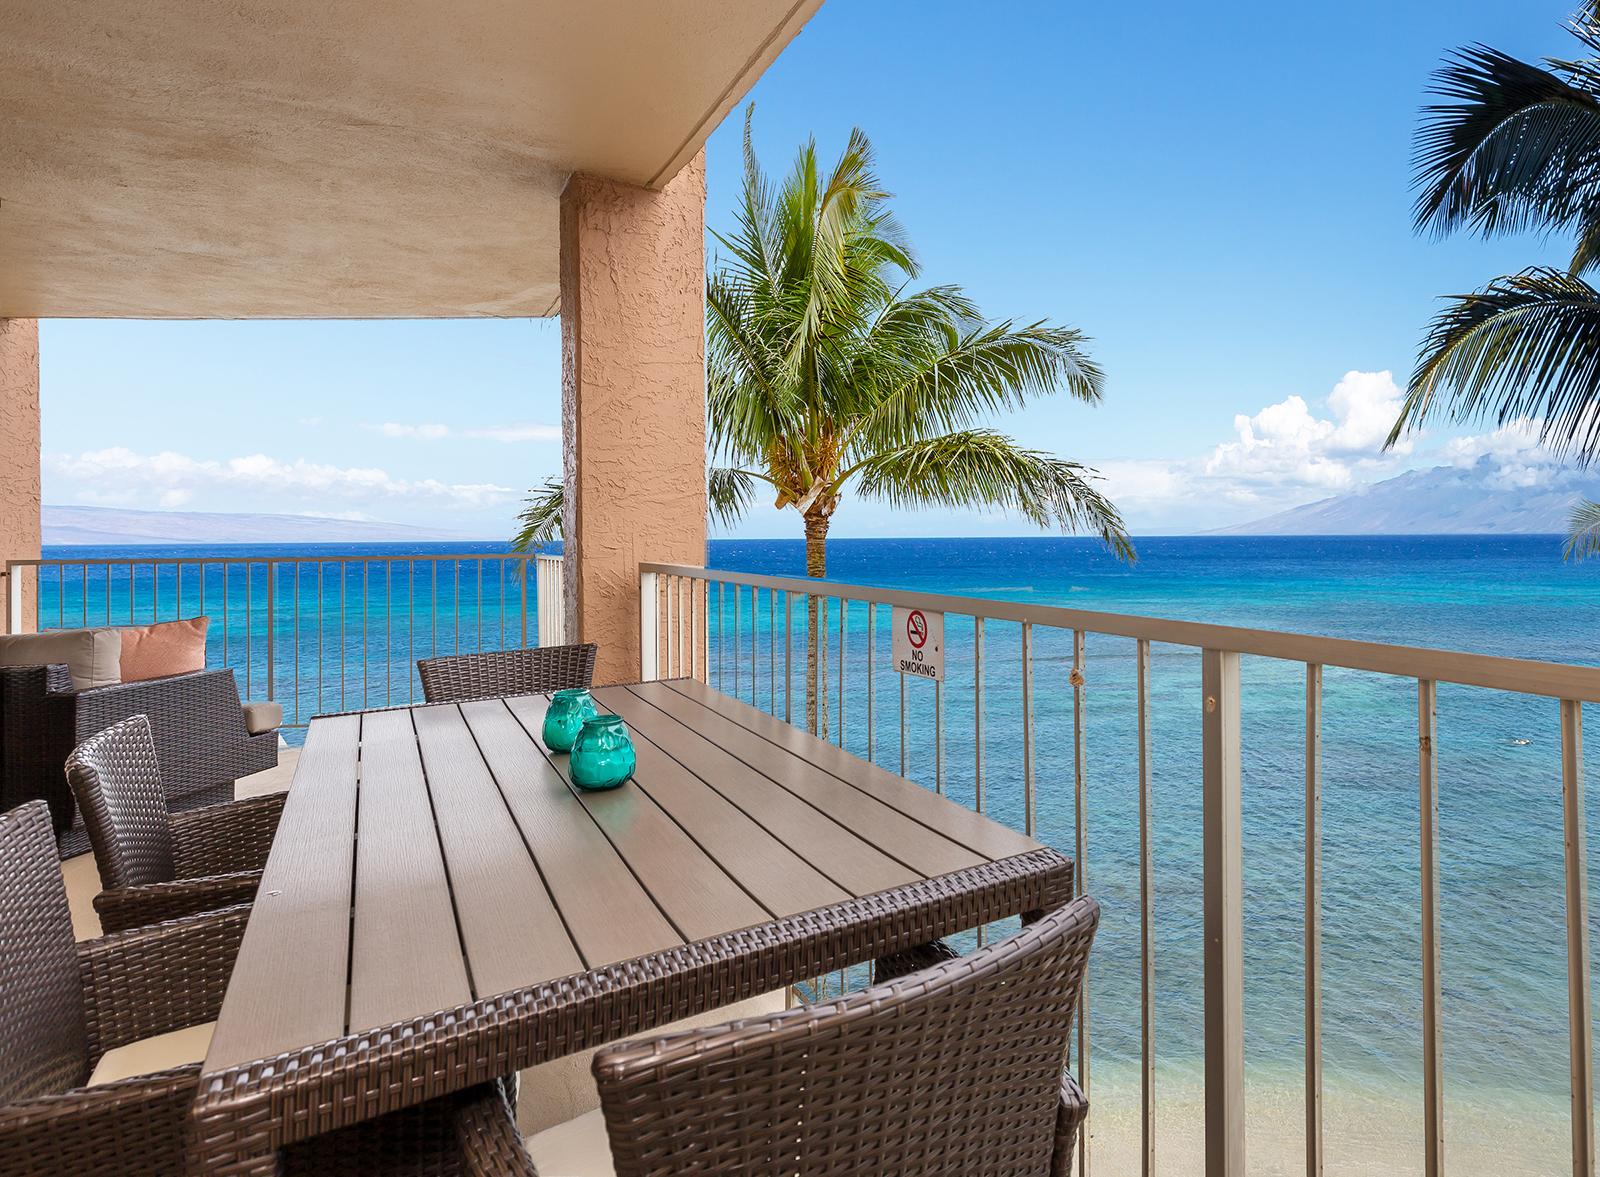 Royal-Kahana-Maui-Beach-Resort-Condos-RK510-2561.jpg